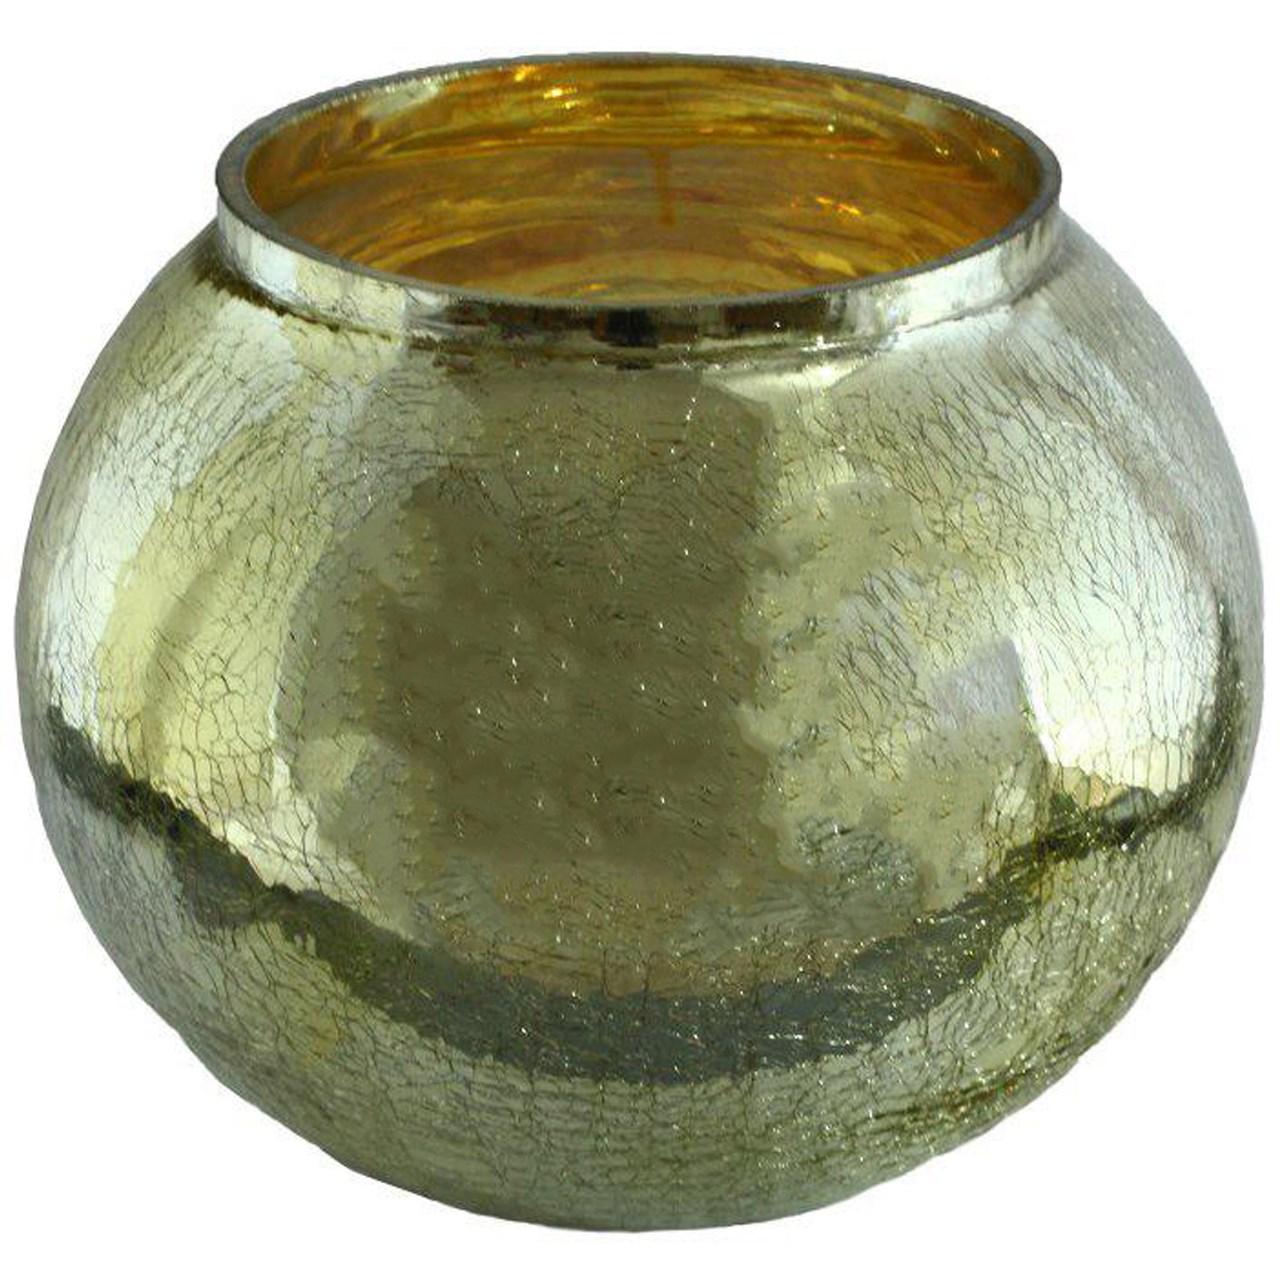 گلدان شیشه ای توپی کد 080020034